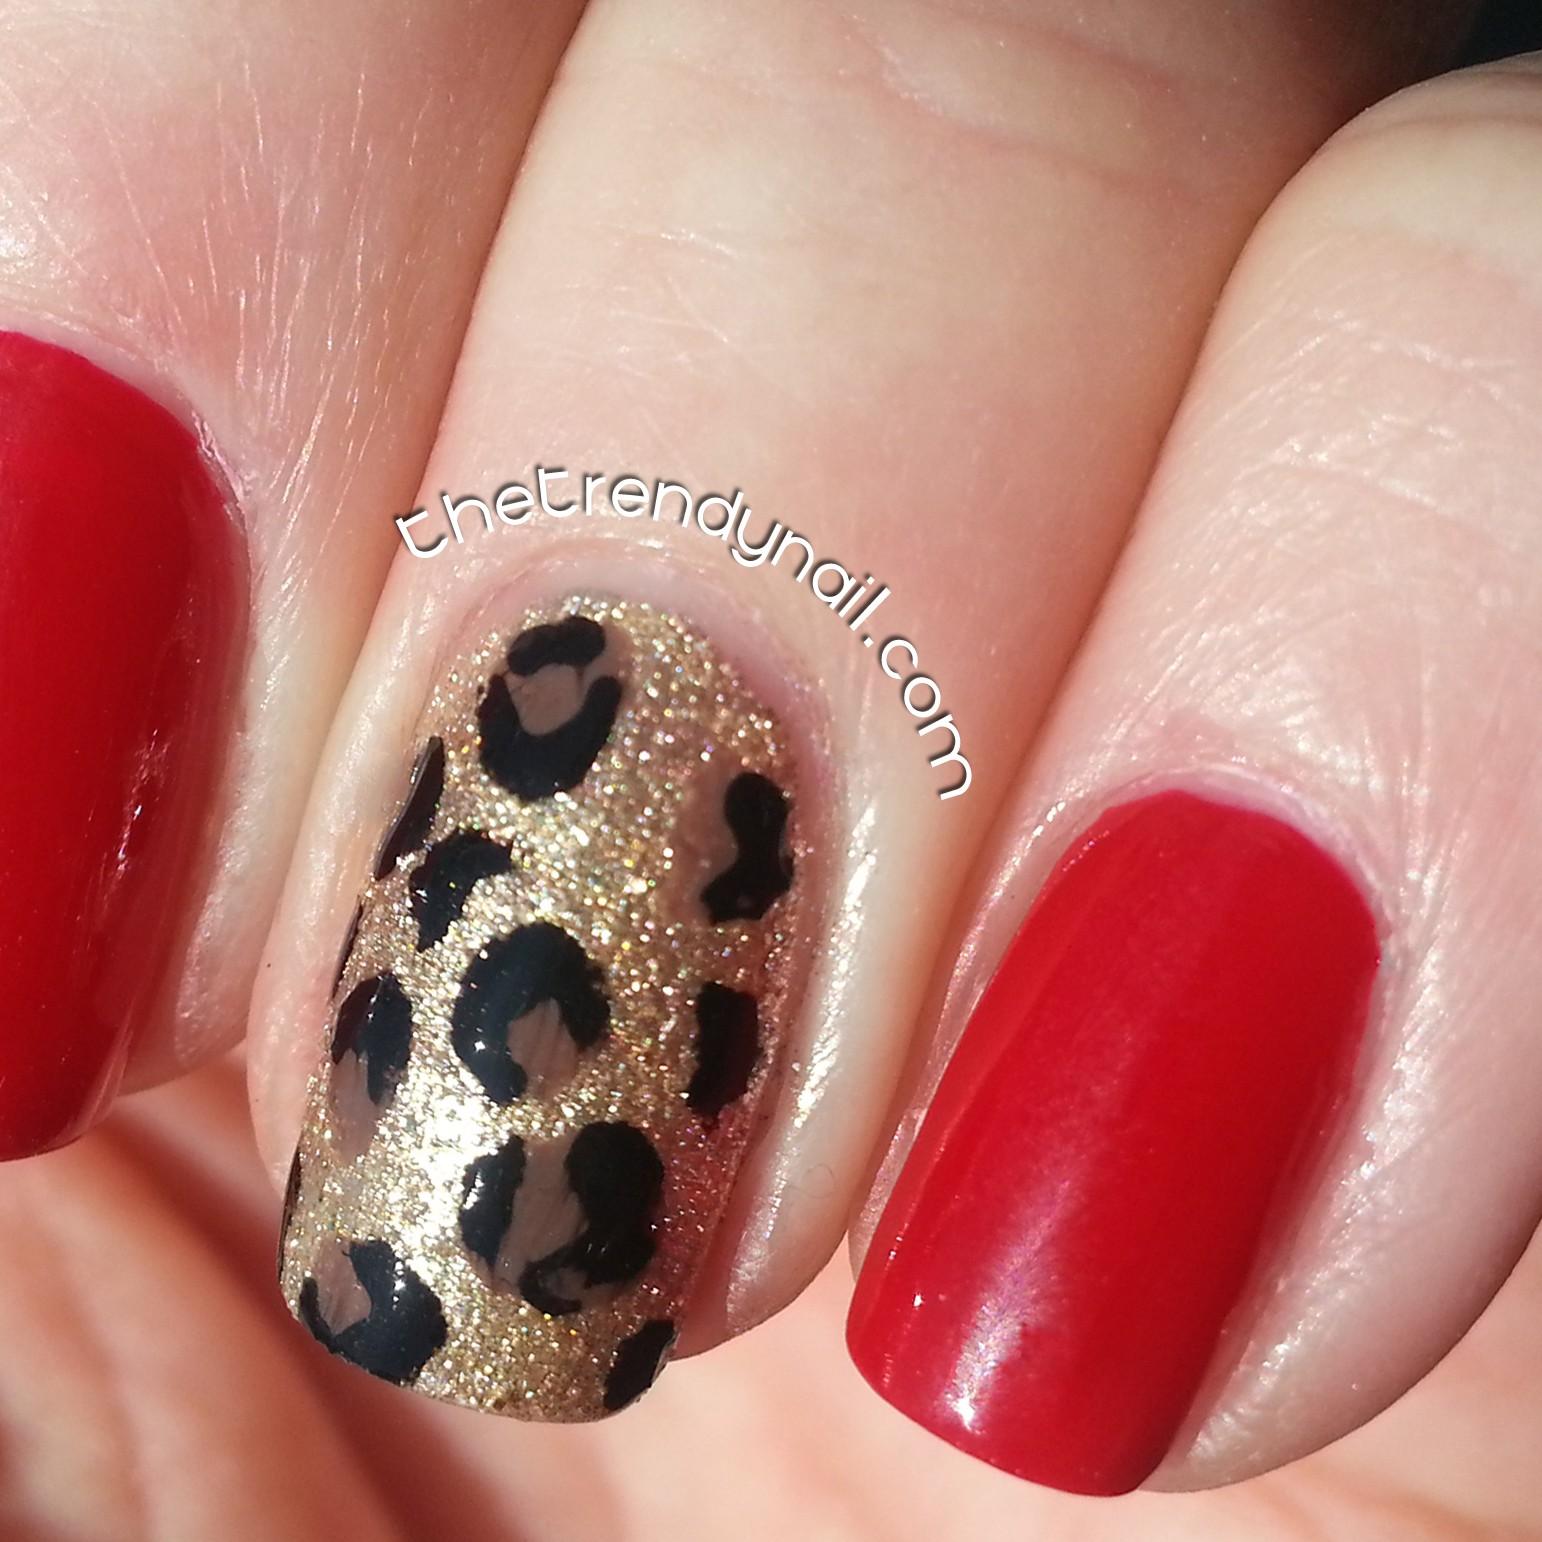 Trendy Nail- Animal Print Accent Nail